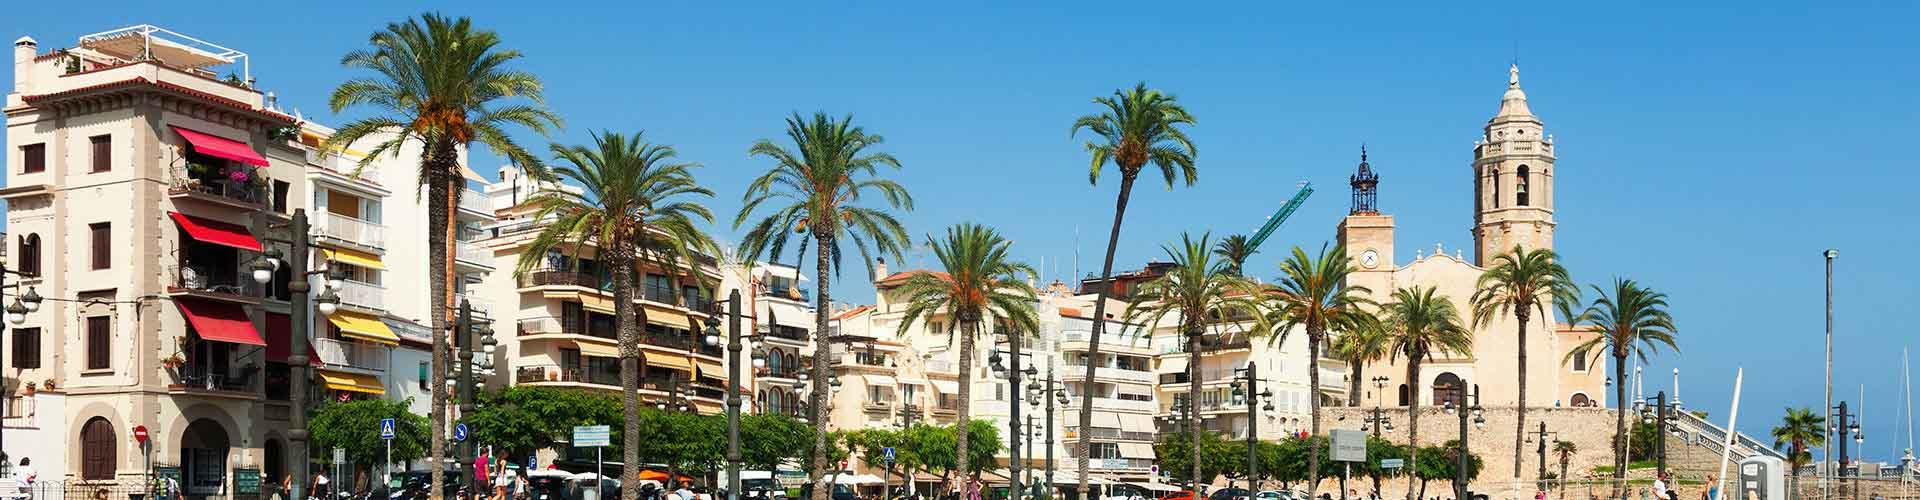 Sitges - Auberges de jeunesse à Sitges. Cartes pour Sitges, photos et commentaires pour chaque auberge de jeunesse à Sitges.